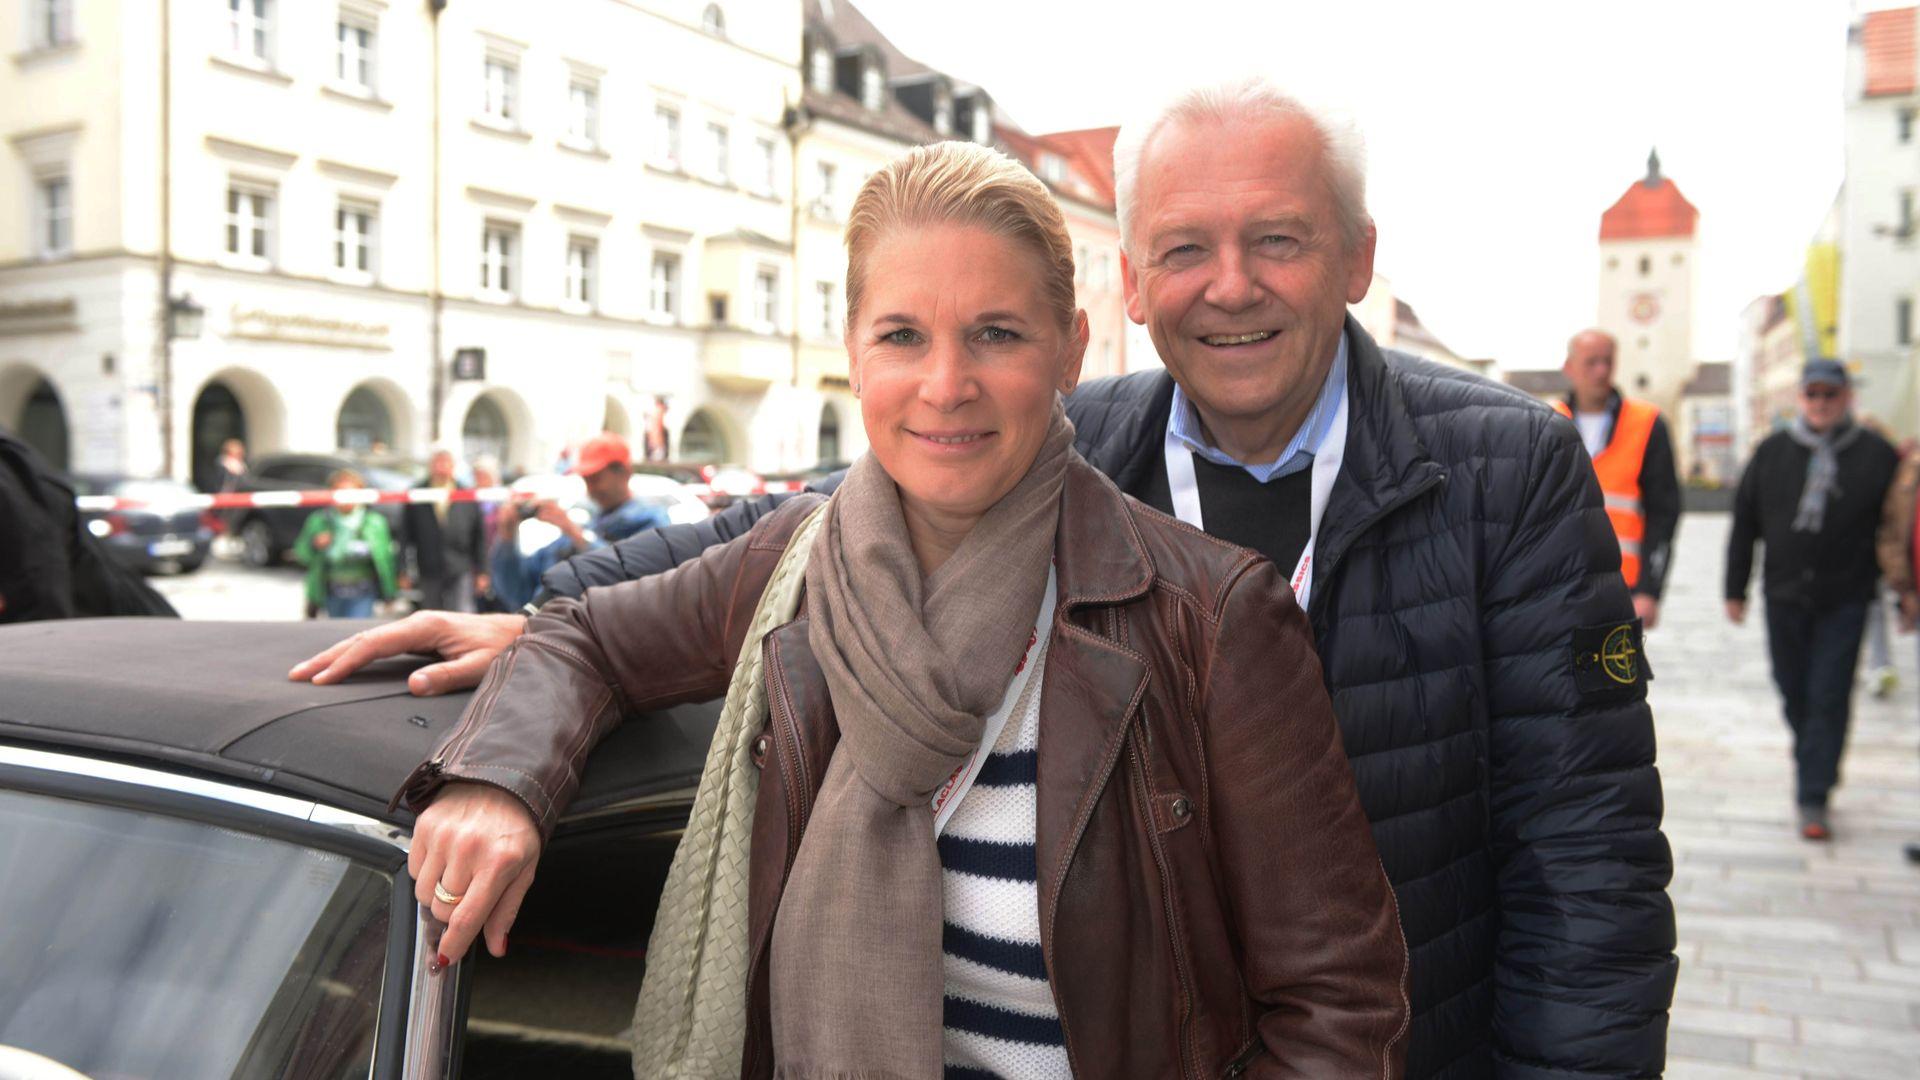 Hochzeit mit BahnBoss Cornelia Poletto ist unter der